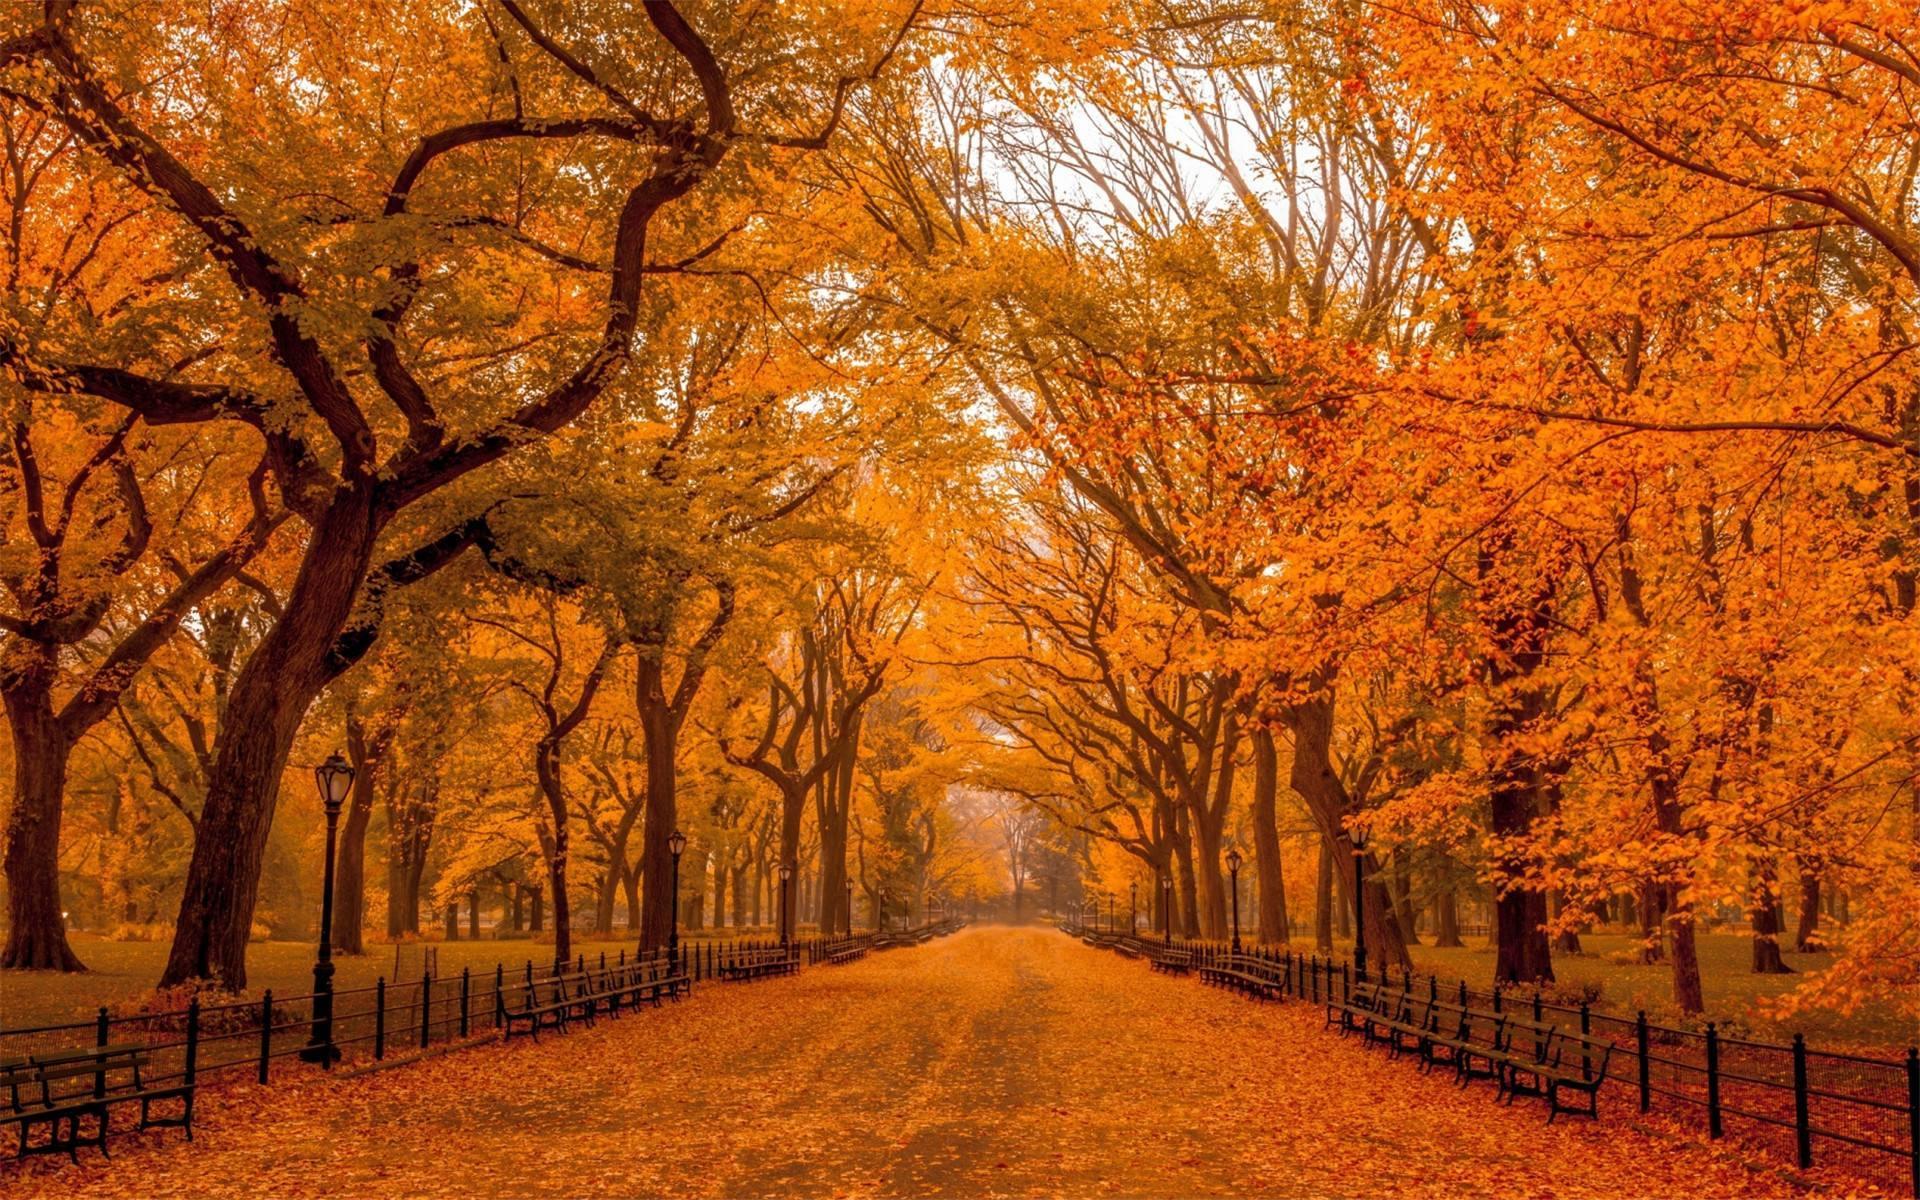 散文美文欣赏:夹石沟的秋天